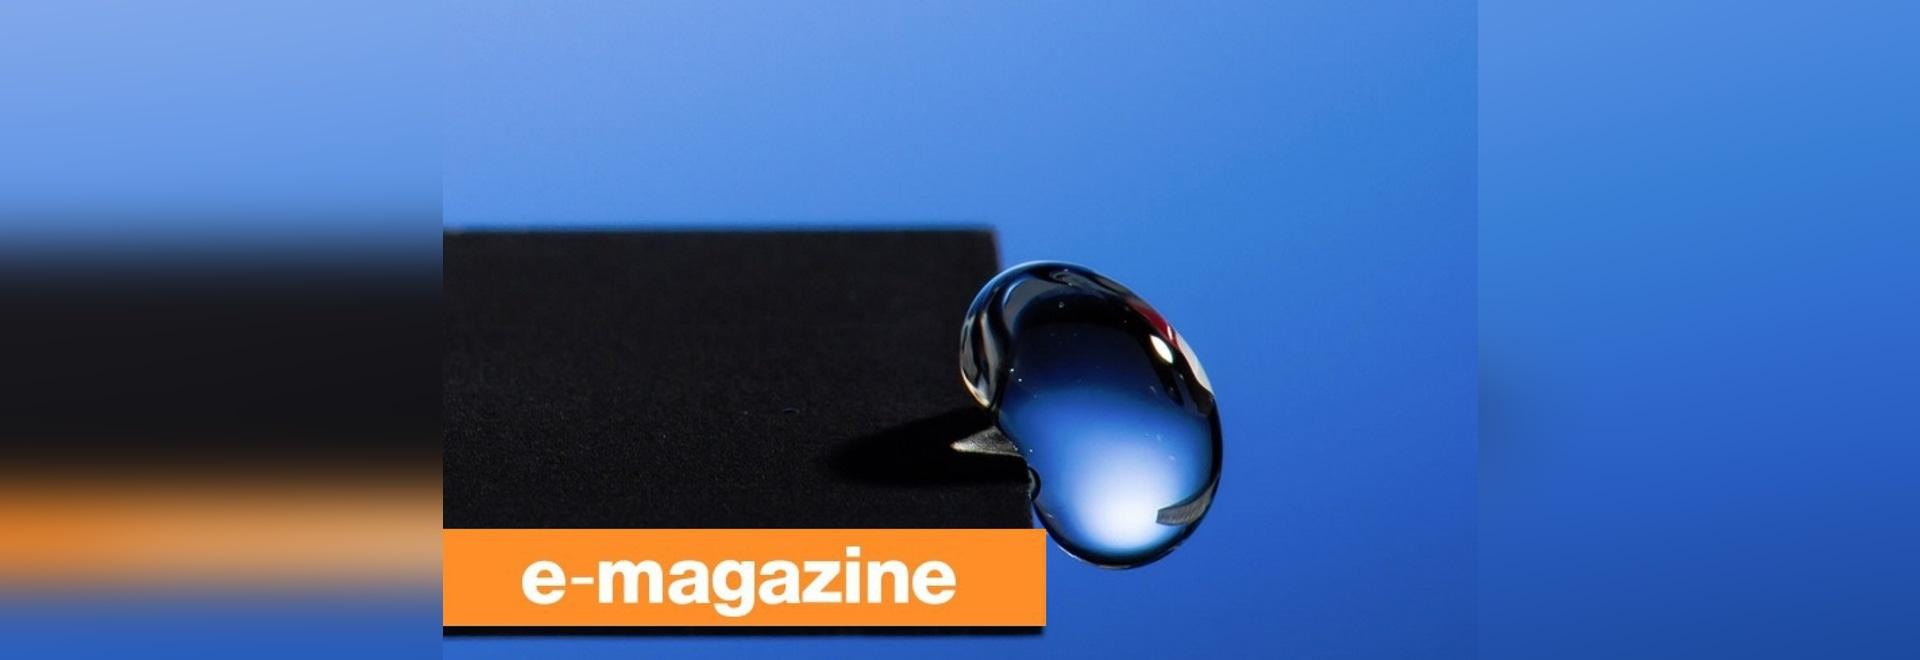 4 solutions pour réduire la consommation d'eau dans le pétrole et le gaz